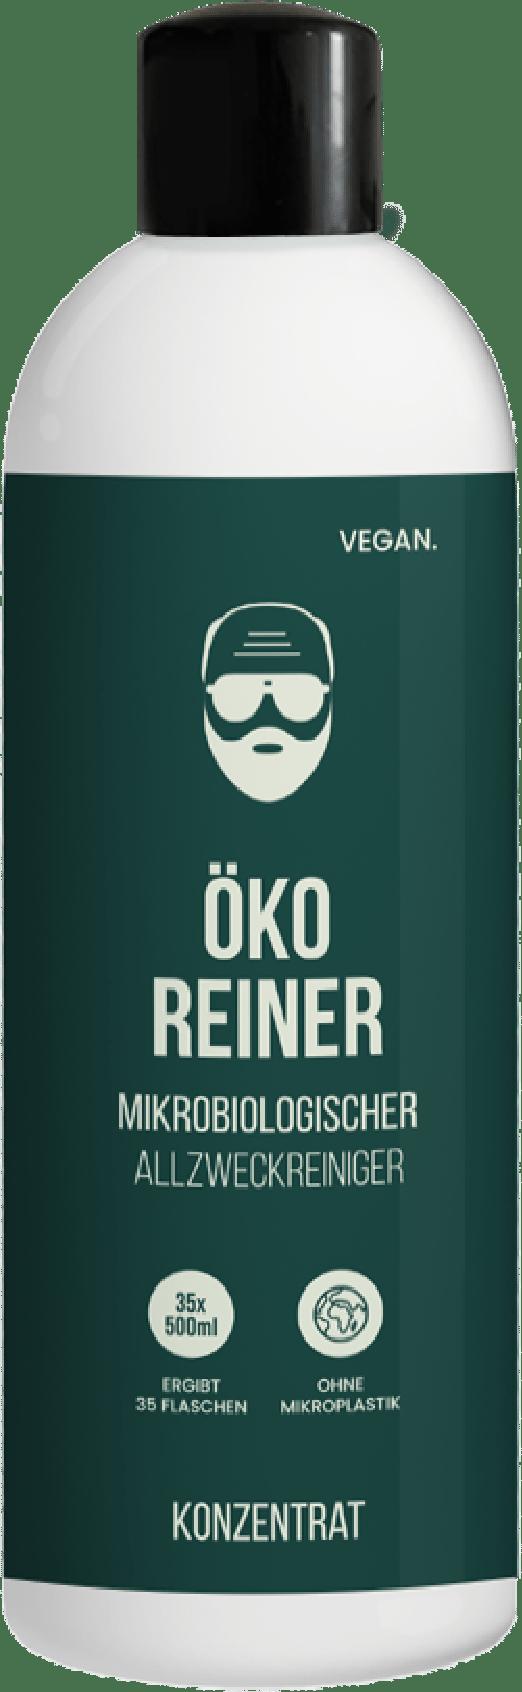 Oeko-Reiner